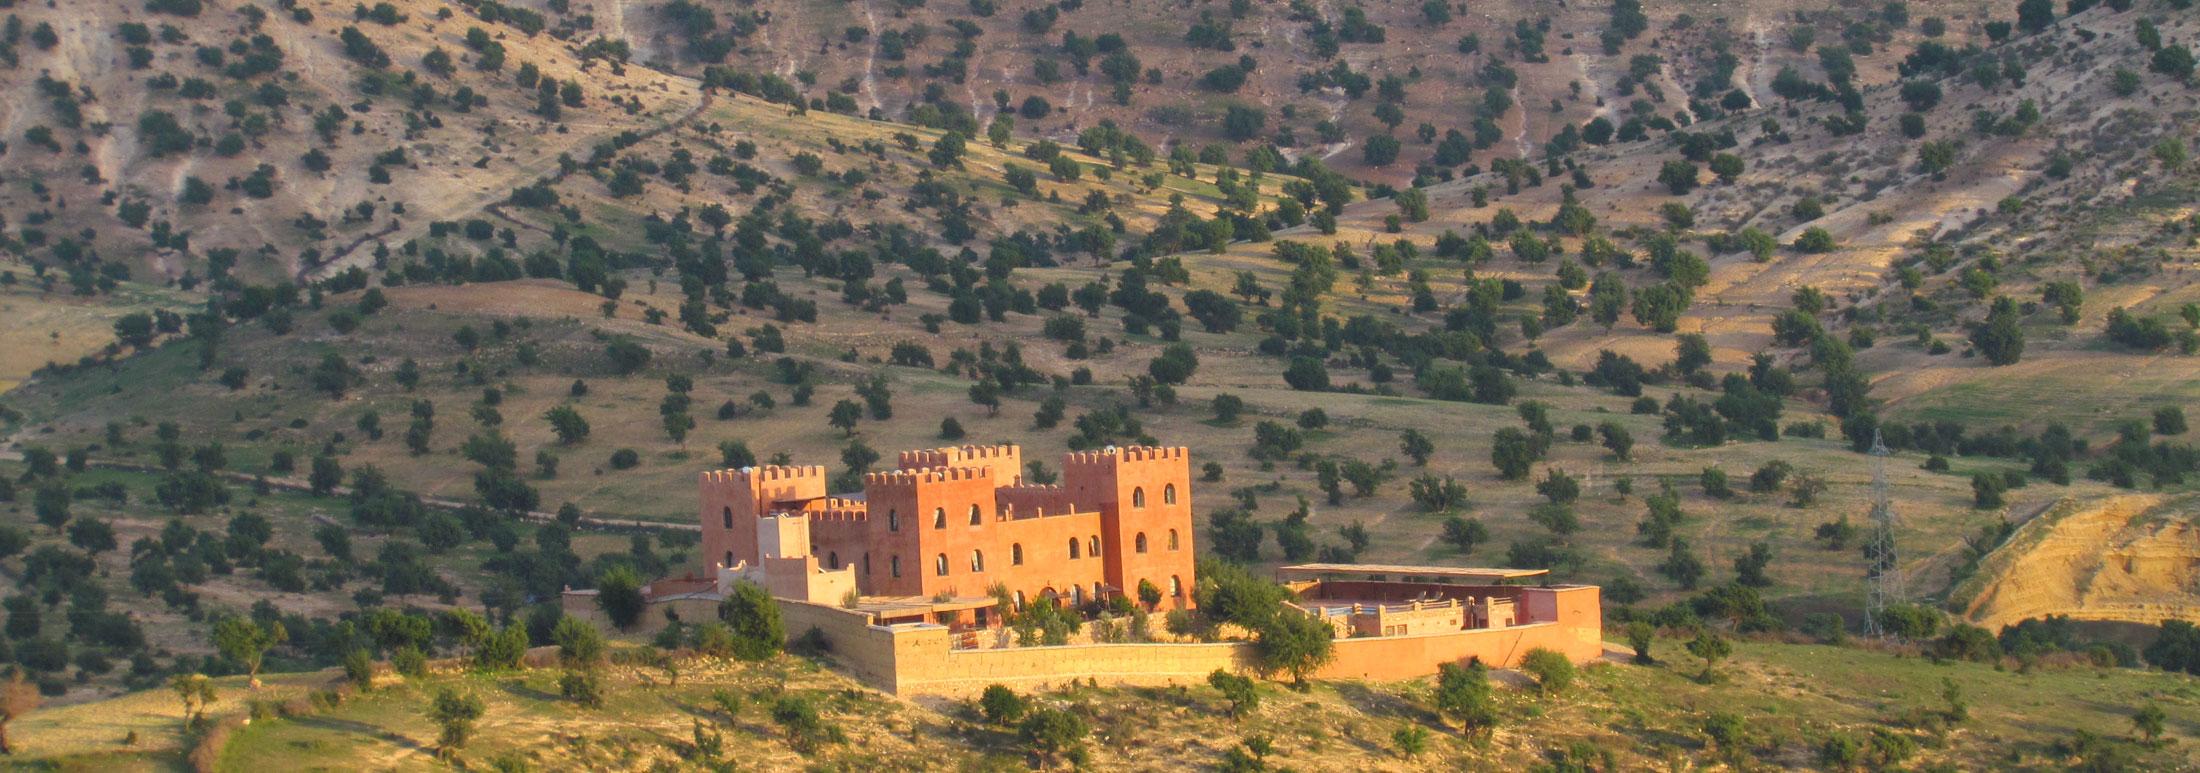 Marokko - Atlas Kasbah Ecolodge, Indre ro